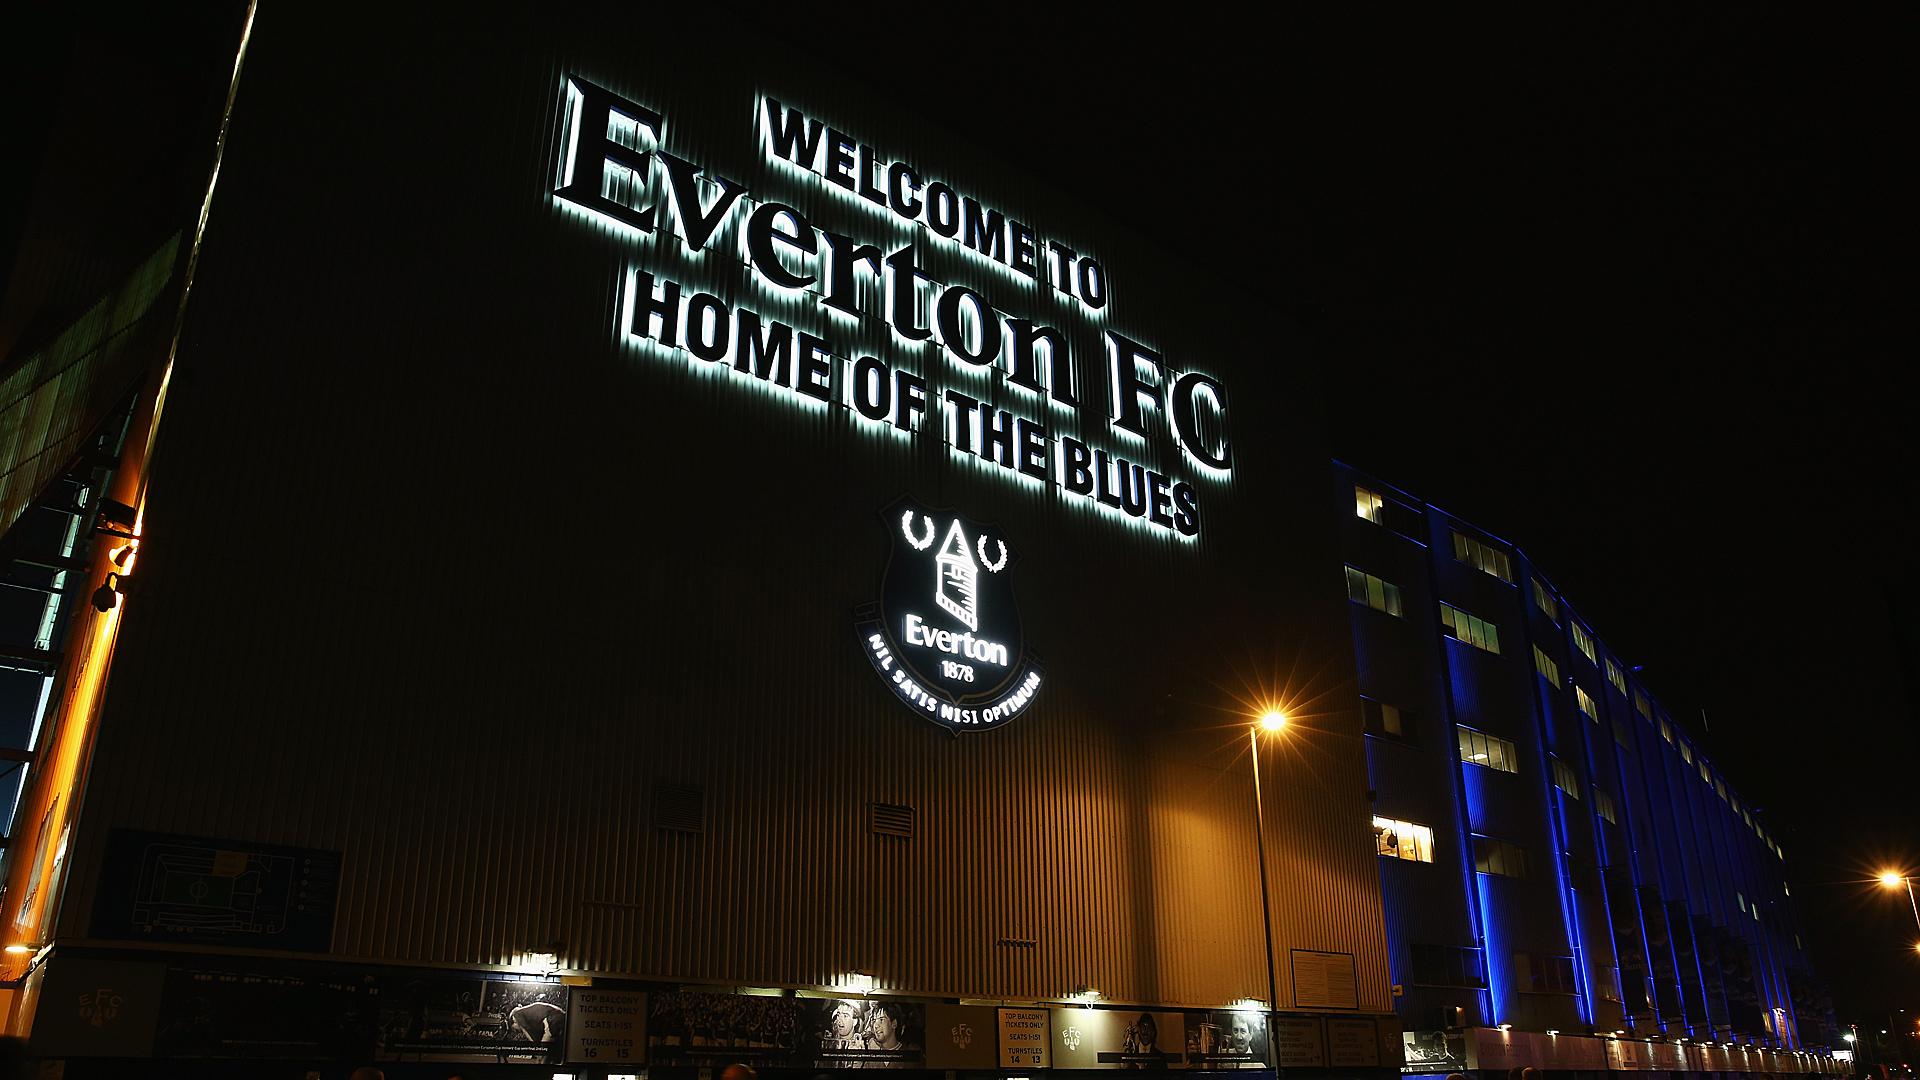 FC Everton Premier League Goodison Park